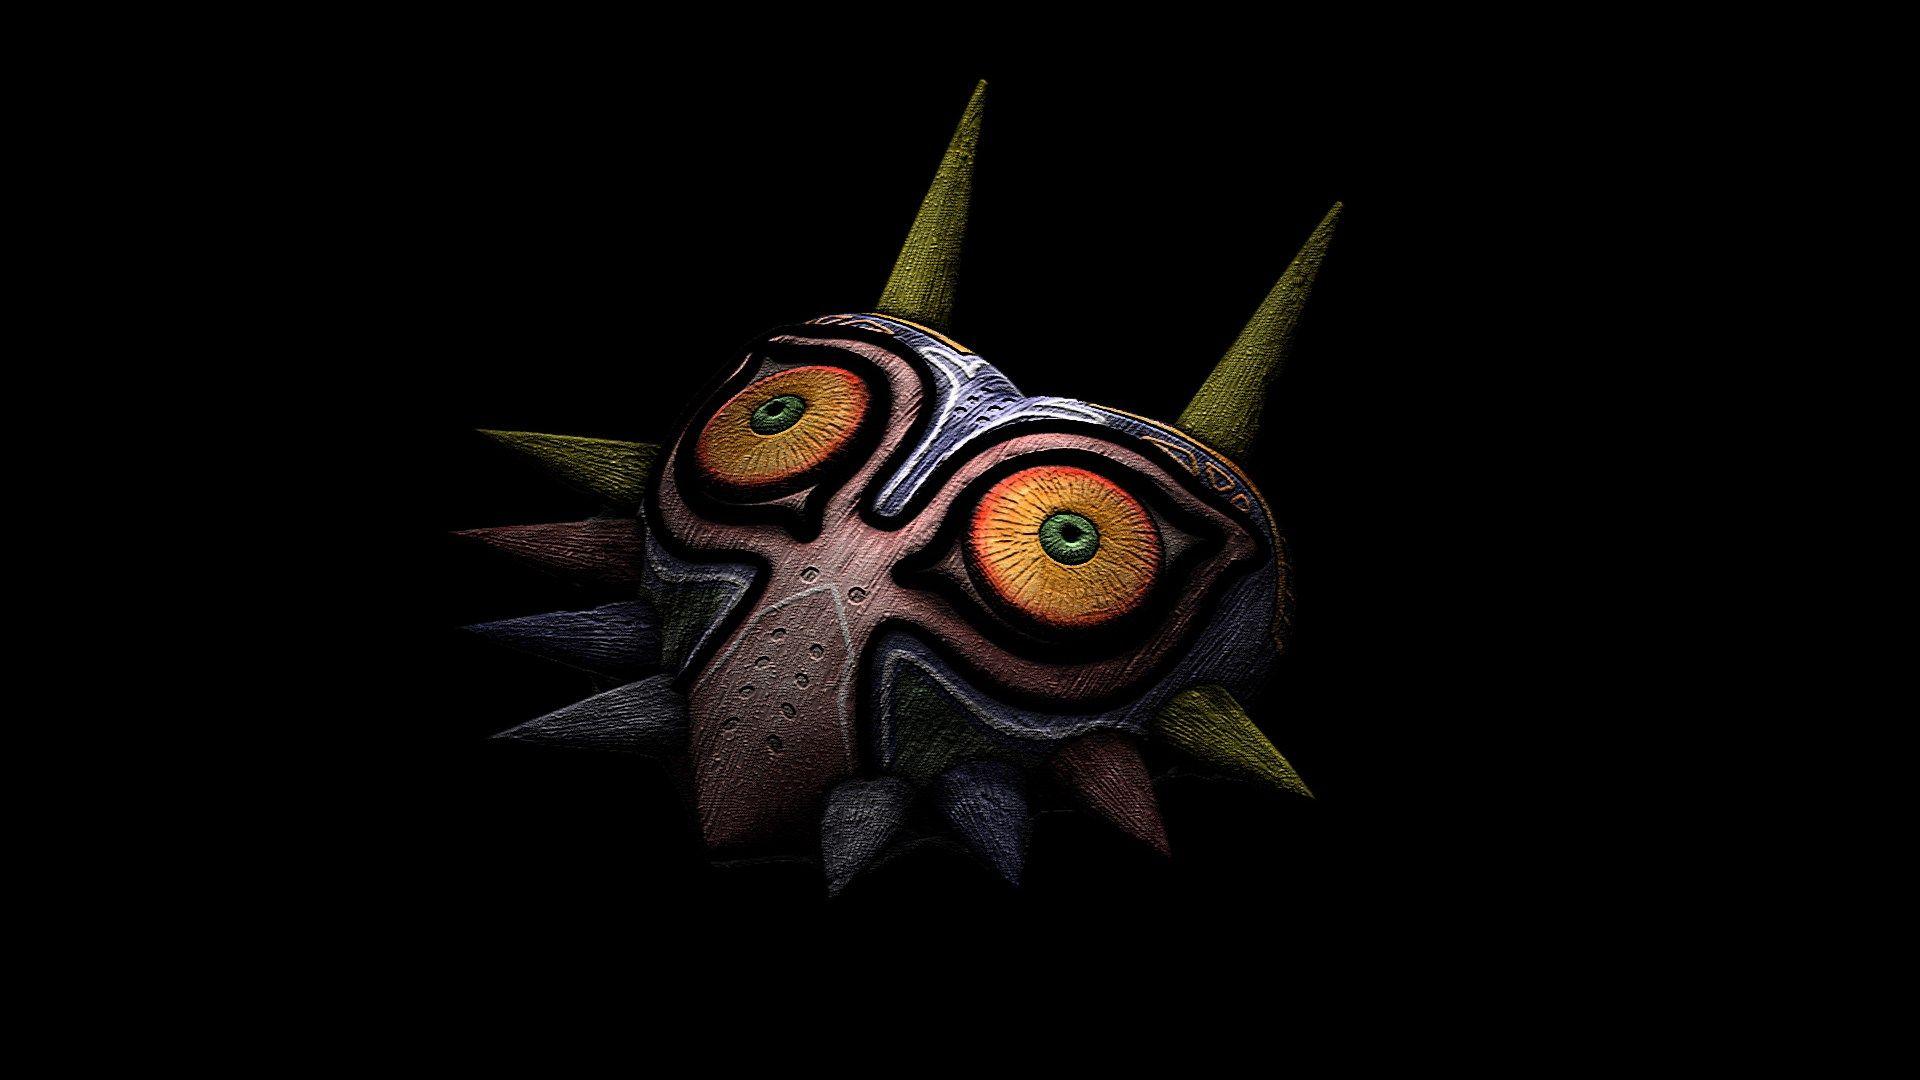 Great Wallpaper Halloween Zelda - 266f6adf0ed60cd5d41c74ace91fc7d5  Pictures_13877.jpg